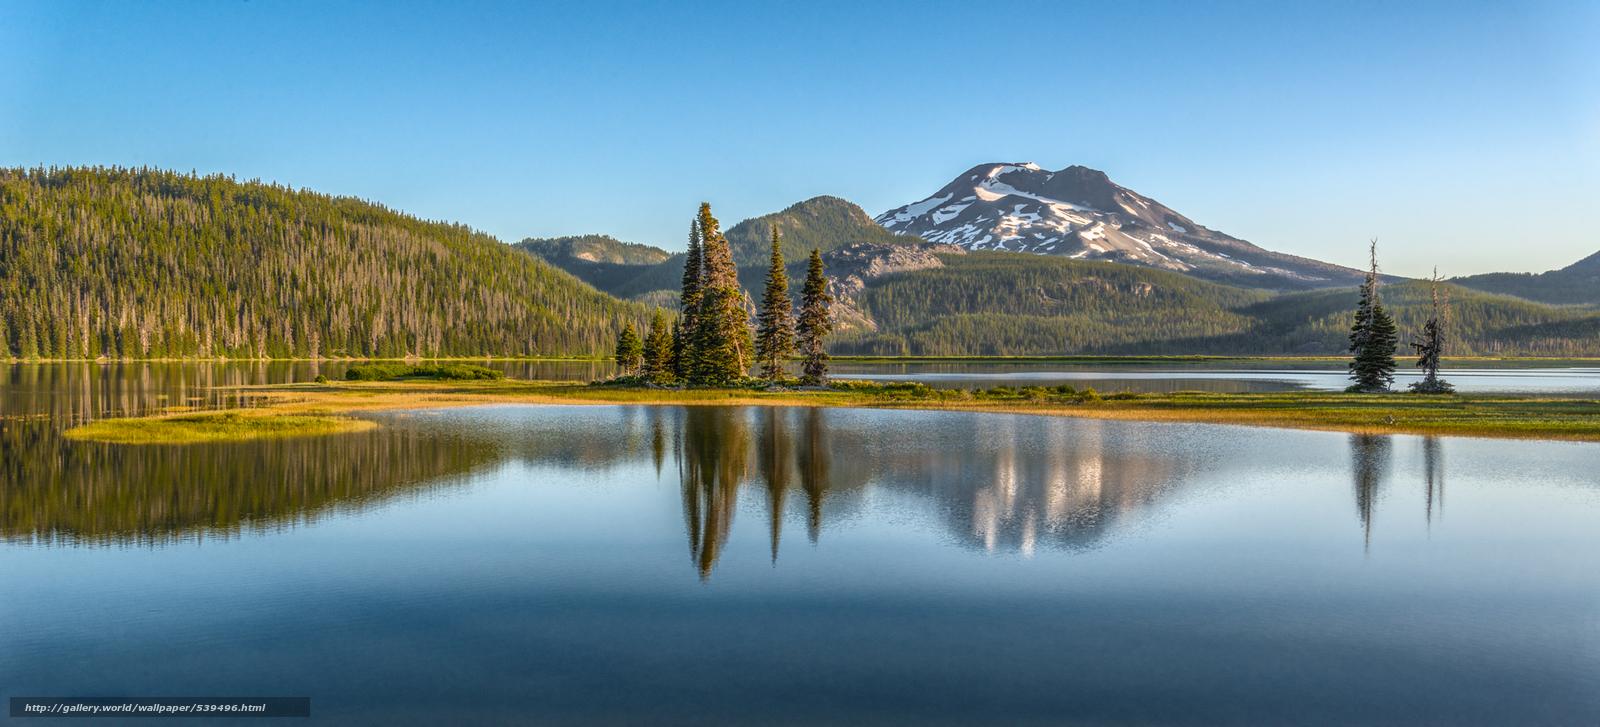 Скачать обои Sunrise,  South Sister,  Sparks lake,  Oregon бесплатно для рабочего стола в разрешении 2048x931 — картинка №539496